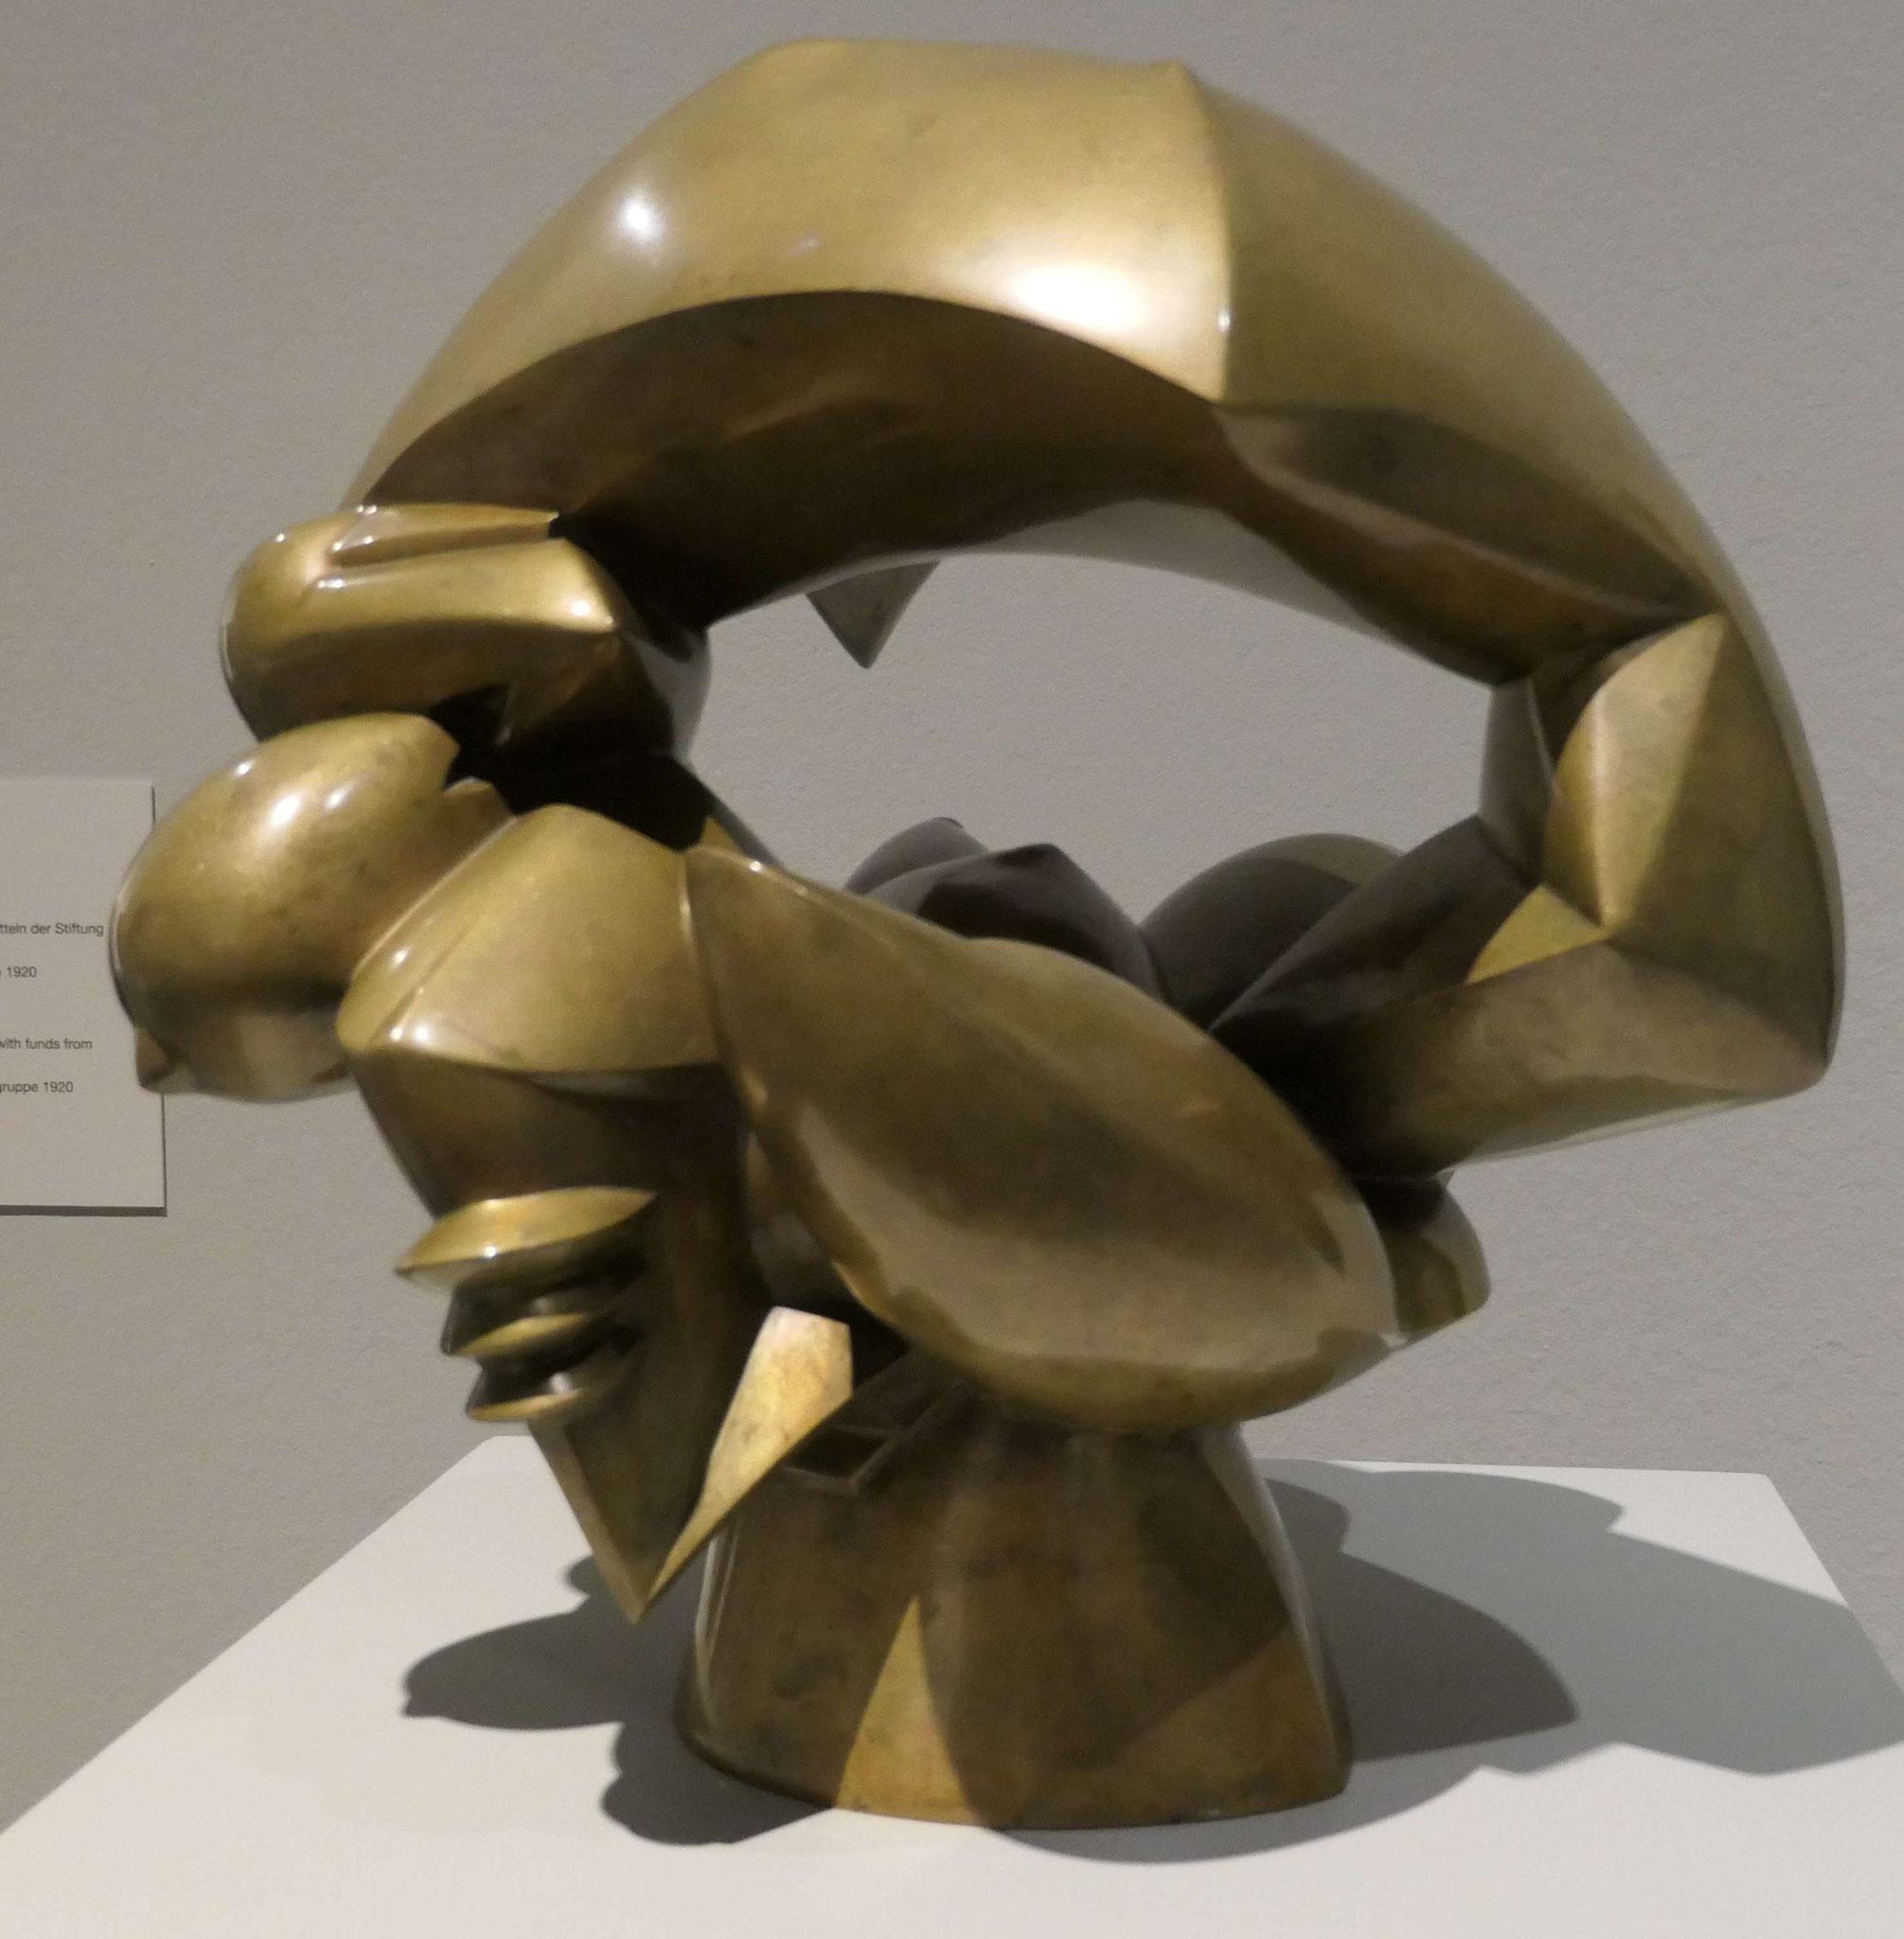 Rudolf Belling, Erotik, 1923, Berlinische Galerie